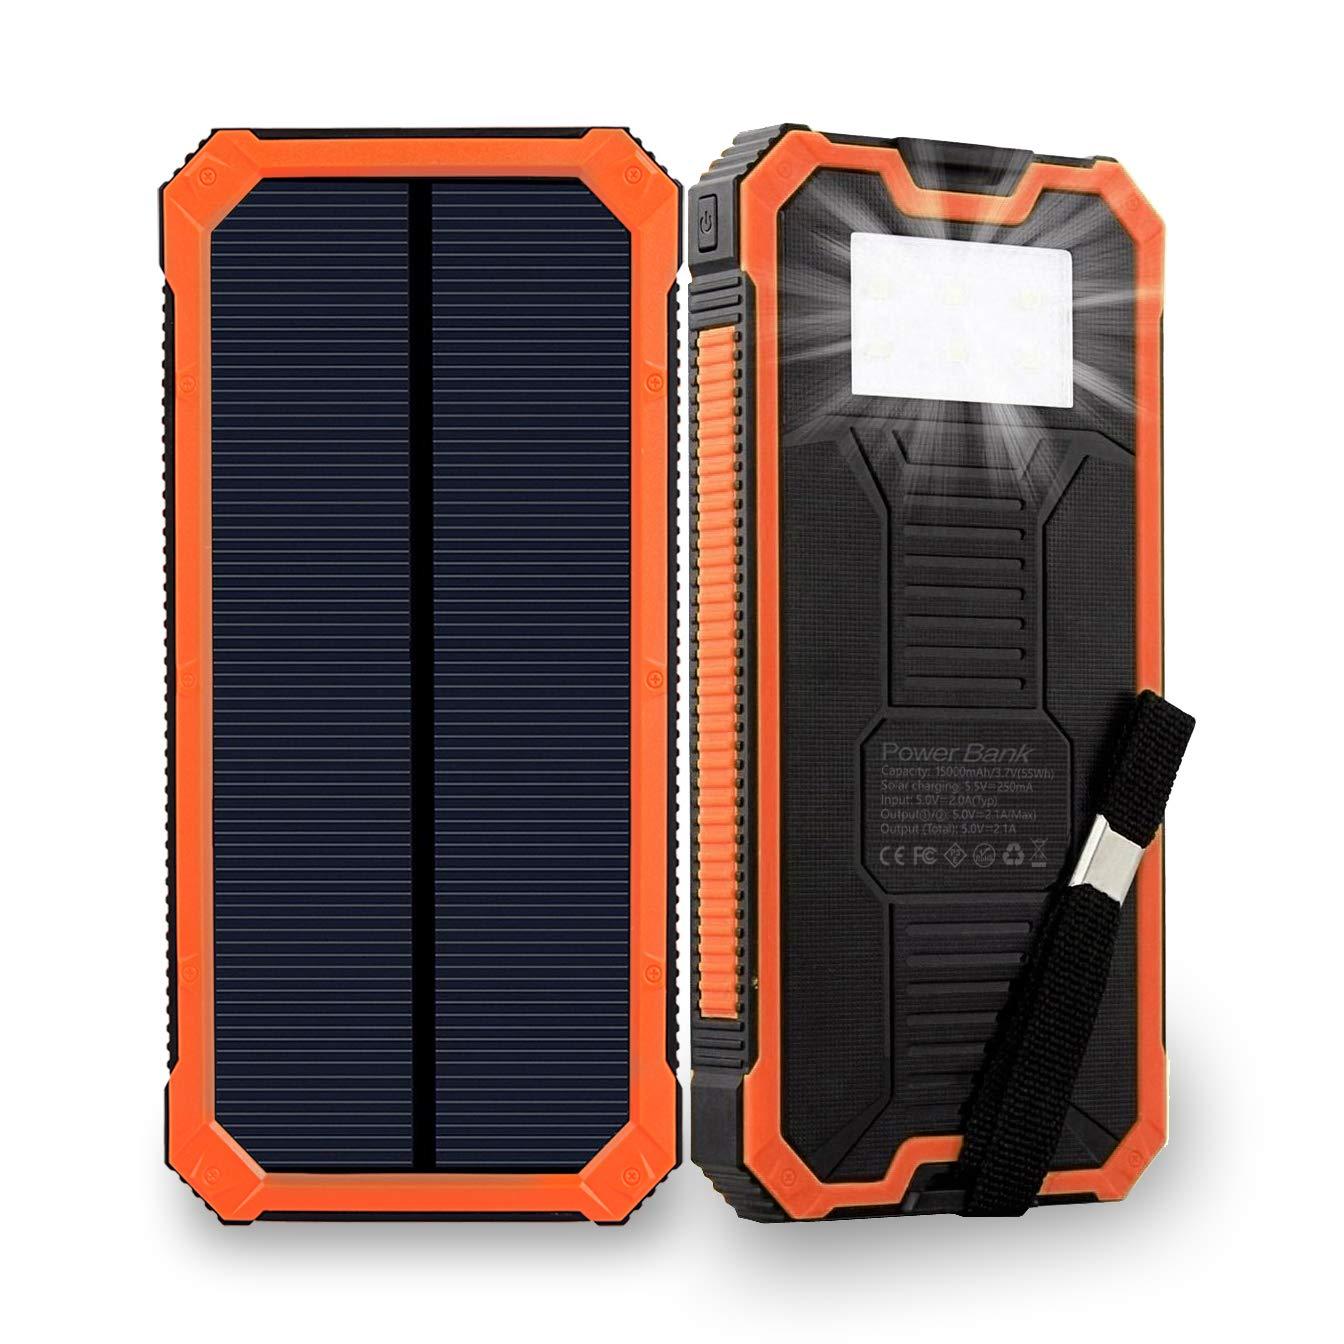 Cargador Solar Portatil Con Bateria De 15000mah Friengood Na